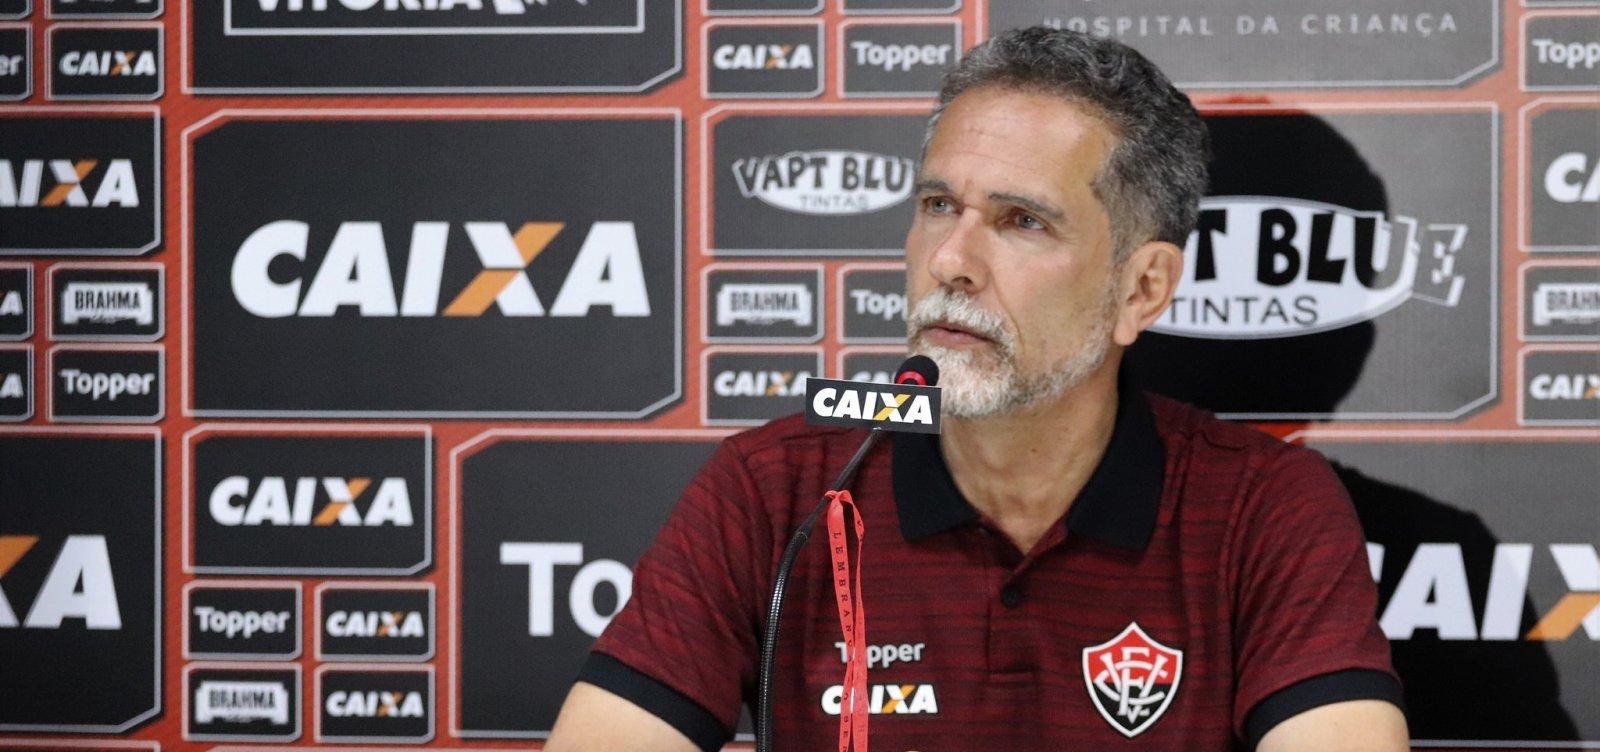 Vitória efetiva Burse e anuncia promoção de ingressos até o fim do Brasileirão